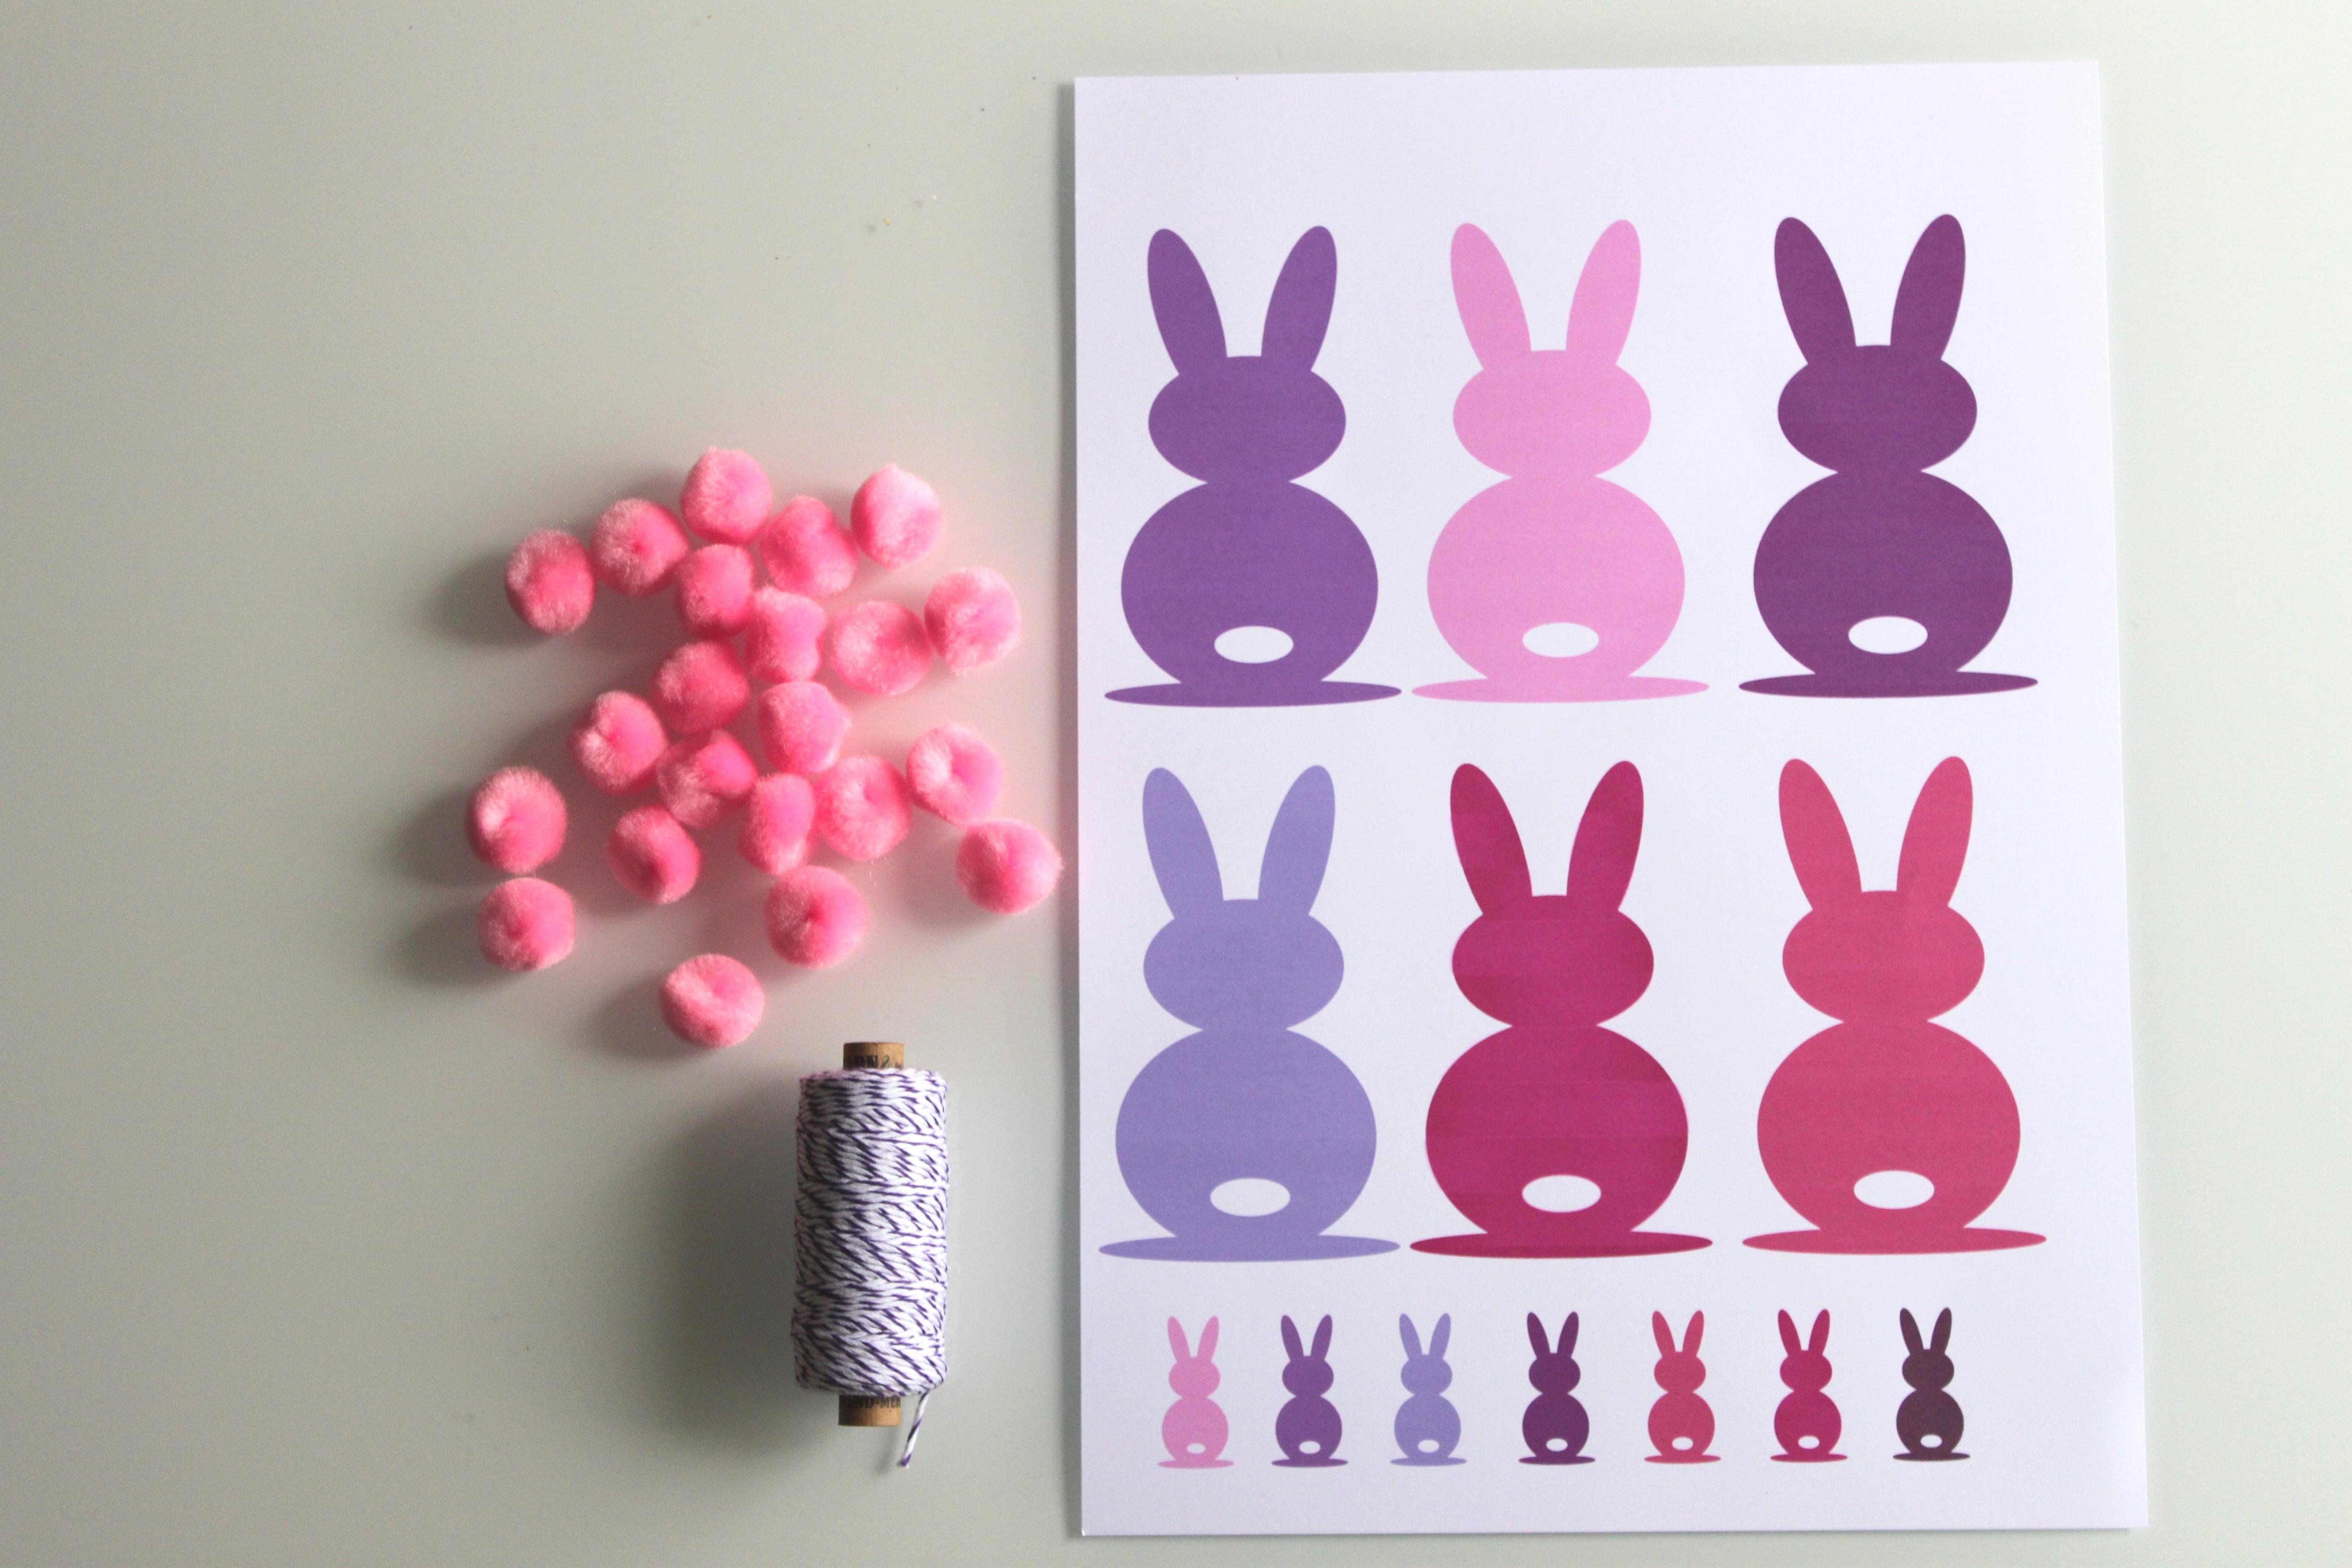 diy p ques guirlande de jolis lapins free printable la fabricamania. Black Bedroom Furniture Sets. Home Design Ideas